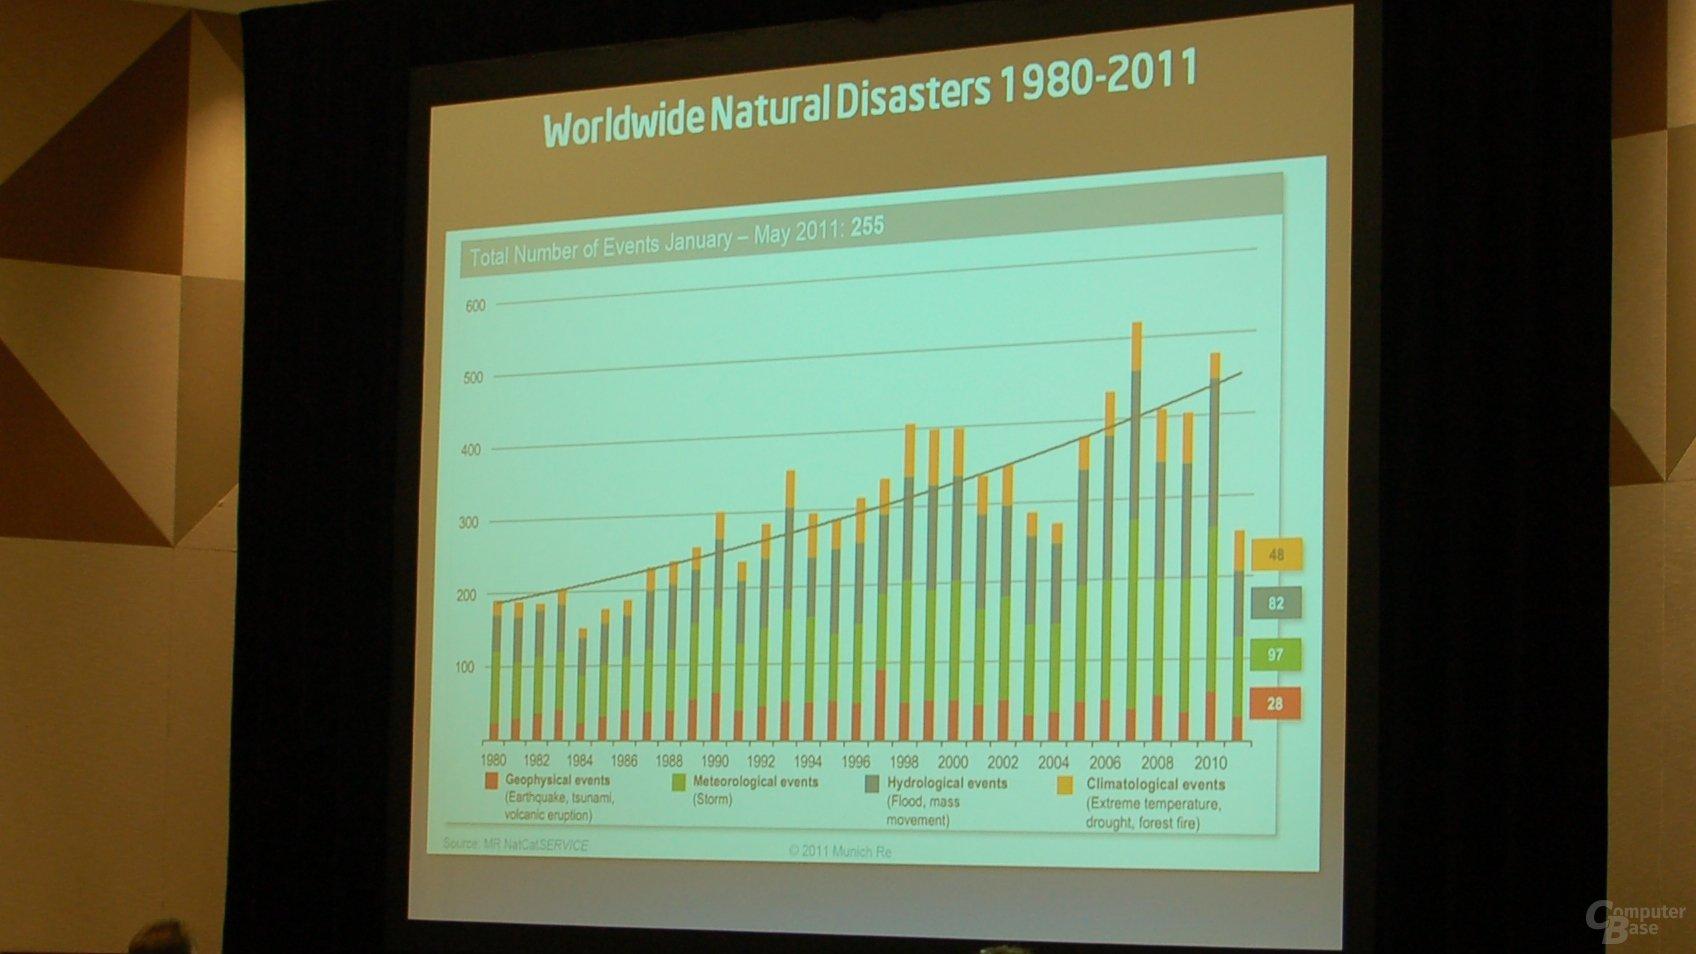 Weltweite Naturkatastrophen 1980-2011